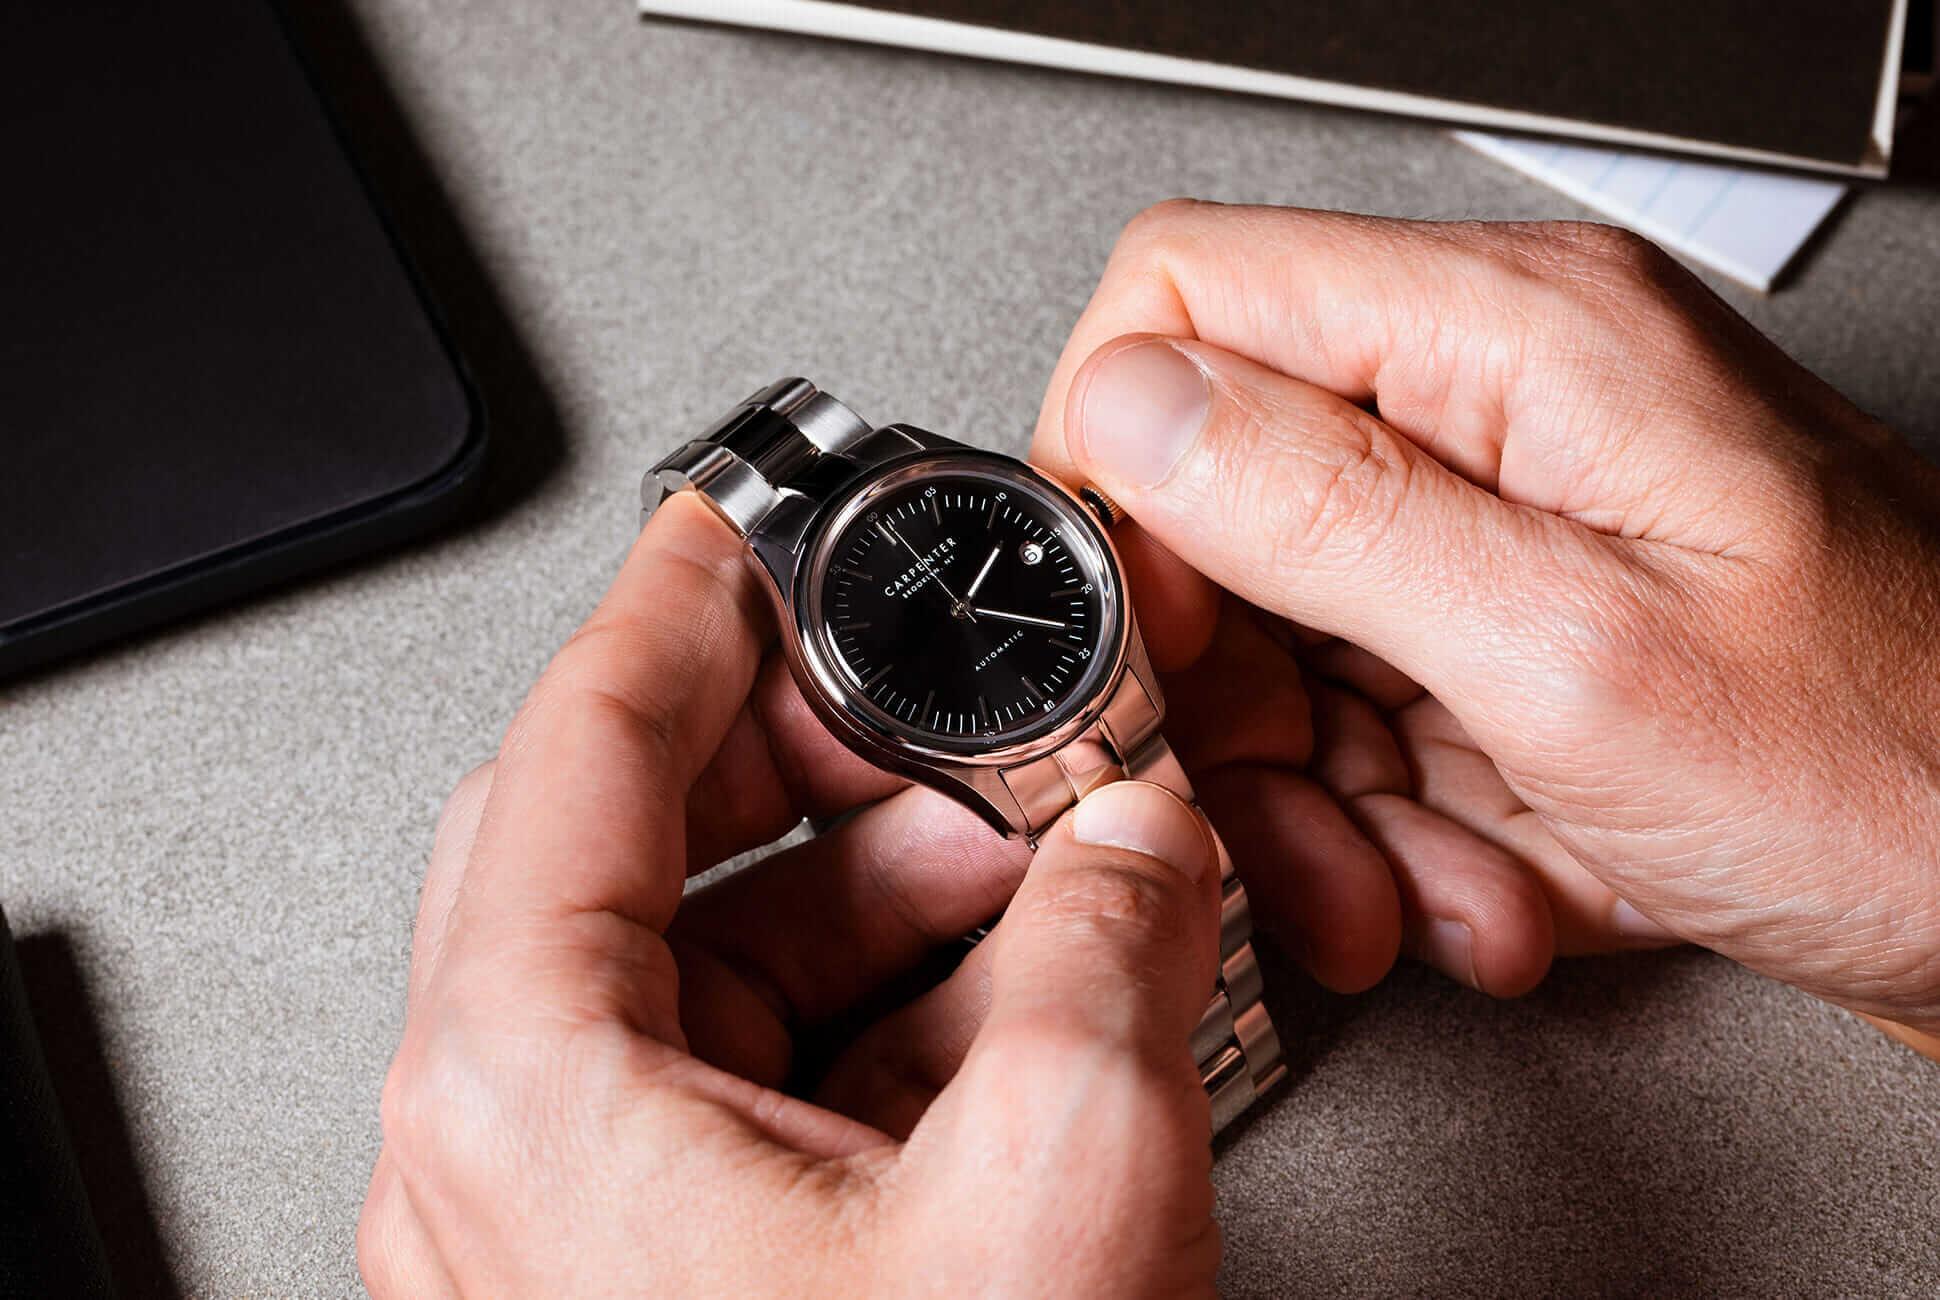 chỉnh lịch giờ, lịch ngày và cài đặt đồng hồ đúng cách